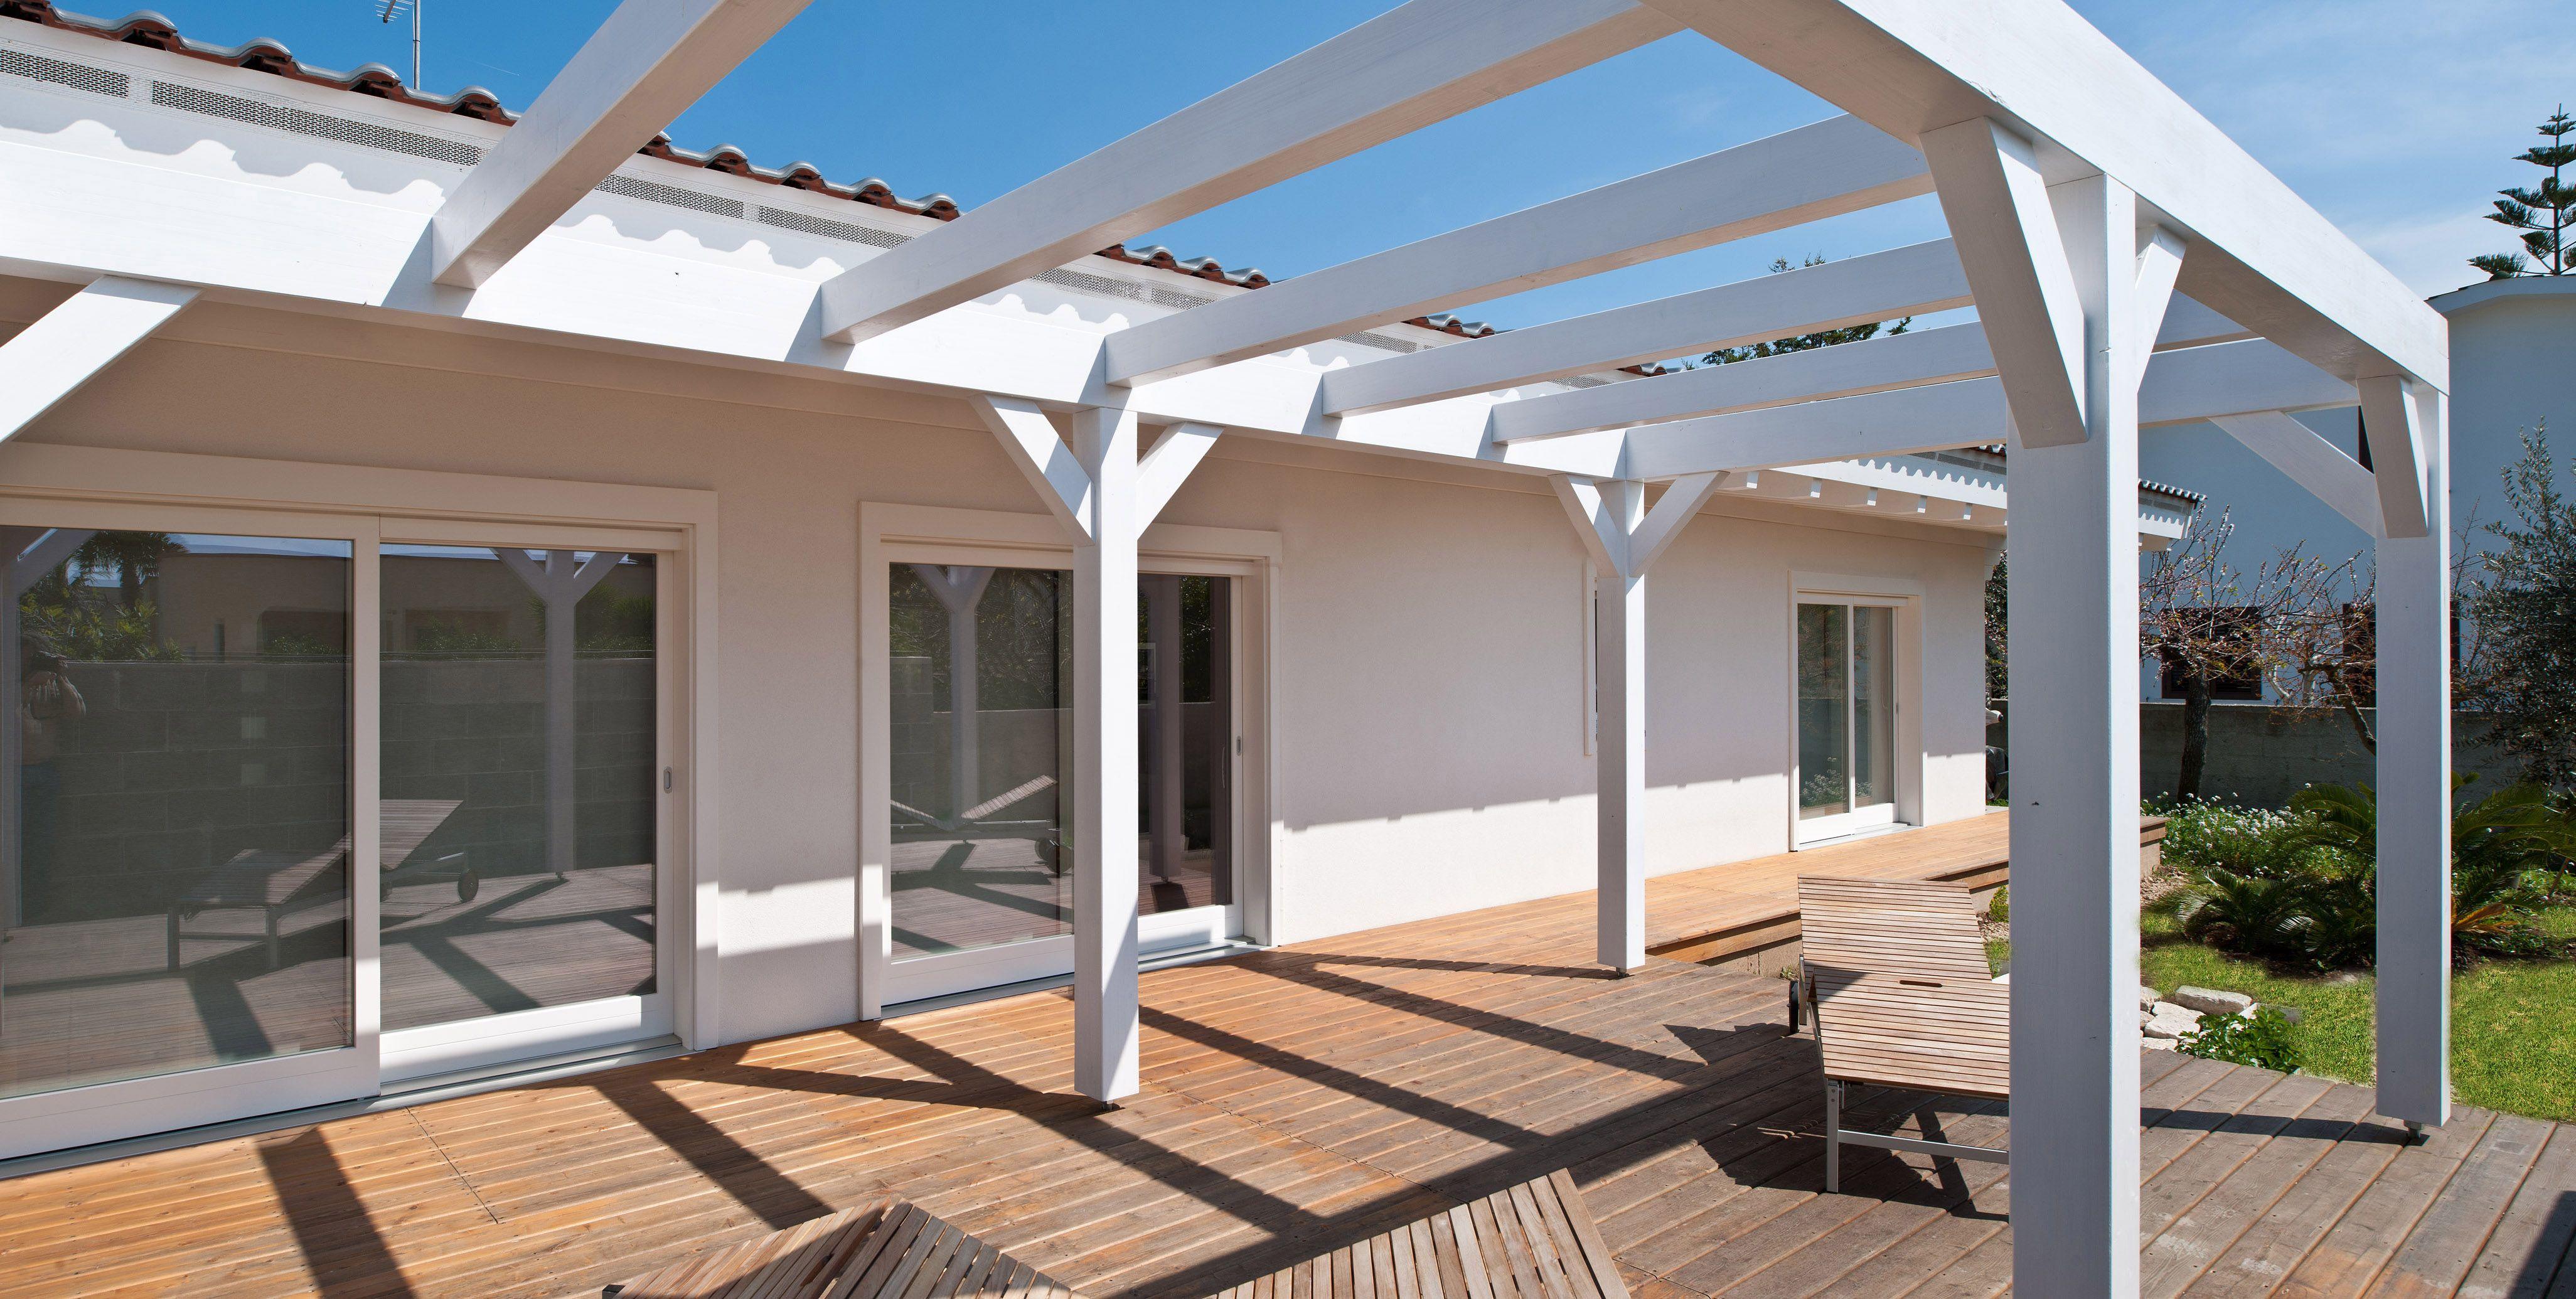 Deckengestaltung für die wohnhalle struttura in travi lamellari in abete rosso  t in   pinterest